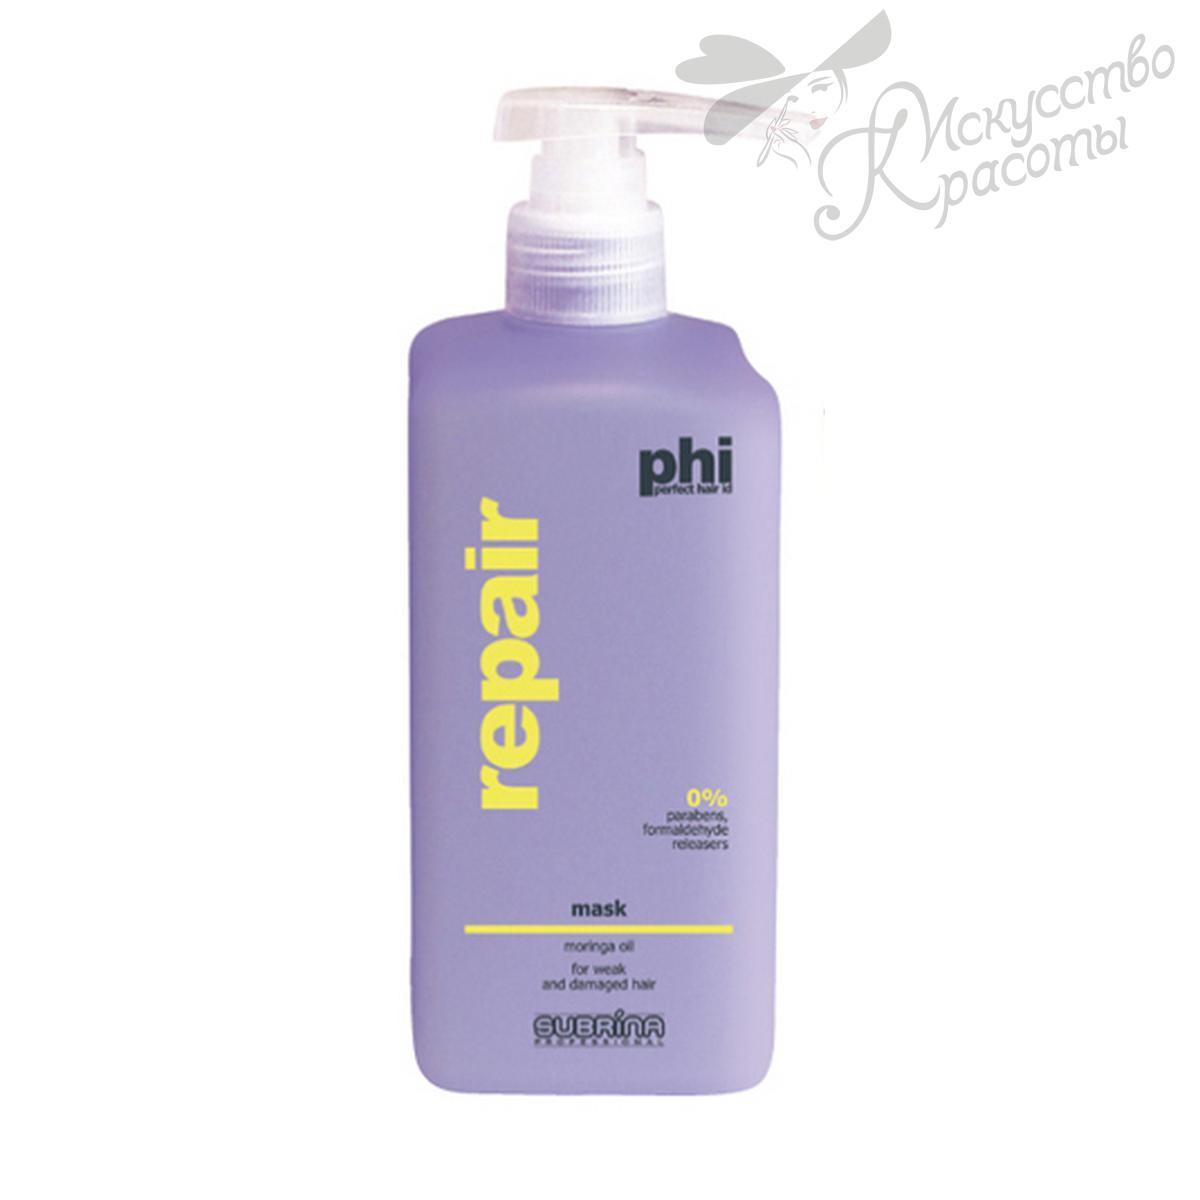 Маска для поврежденных волос Repair PHI Subrina 500 мл